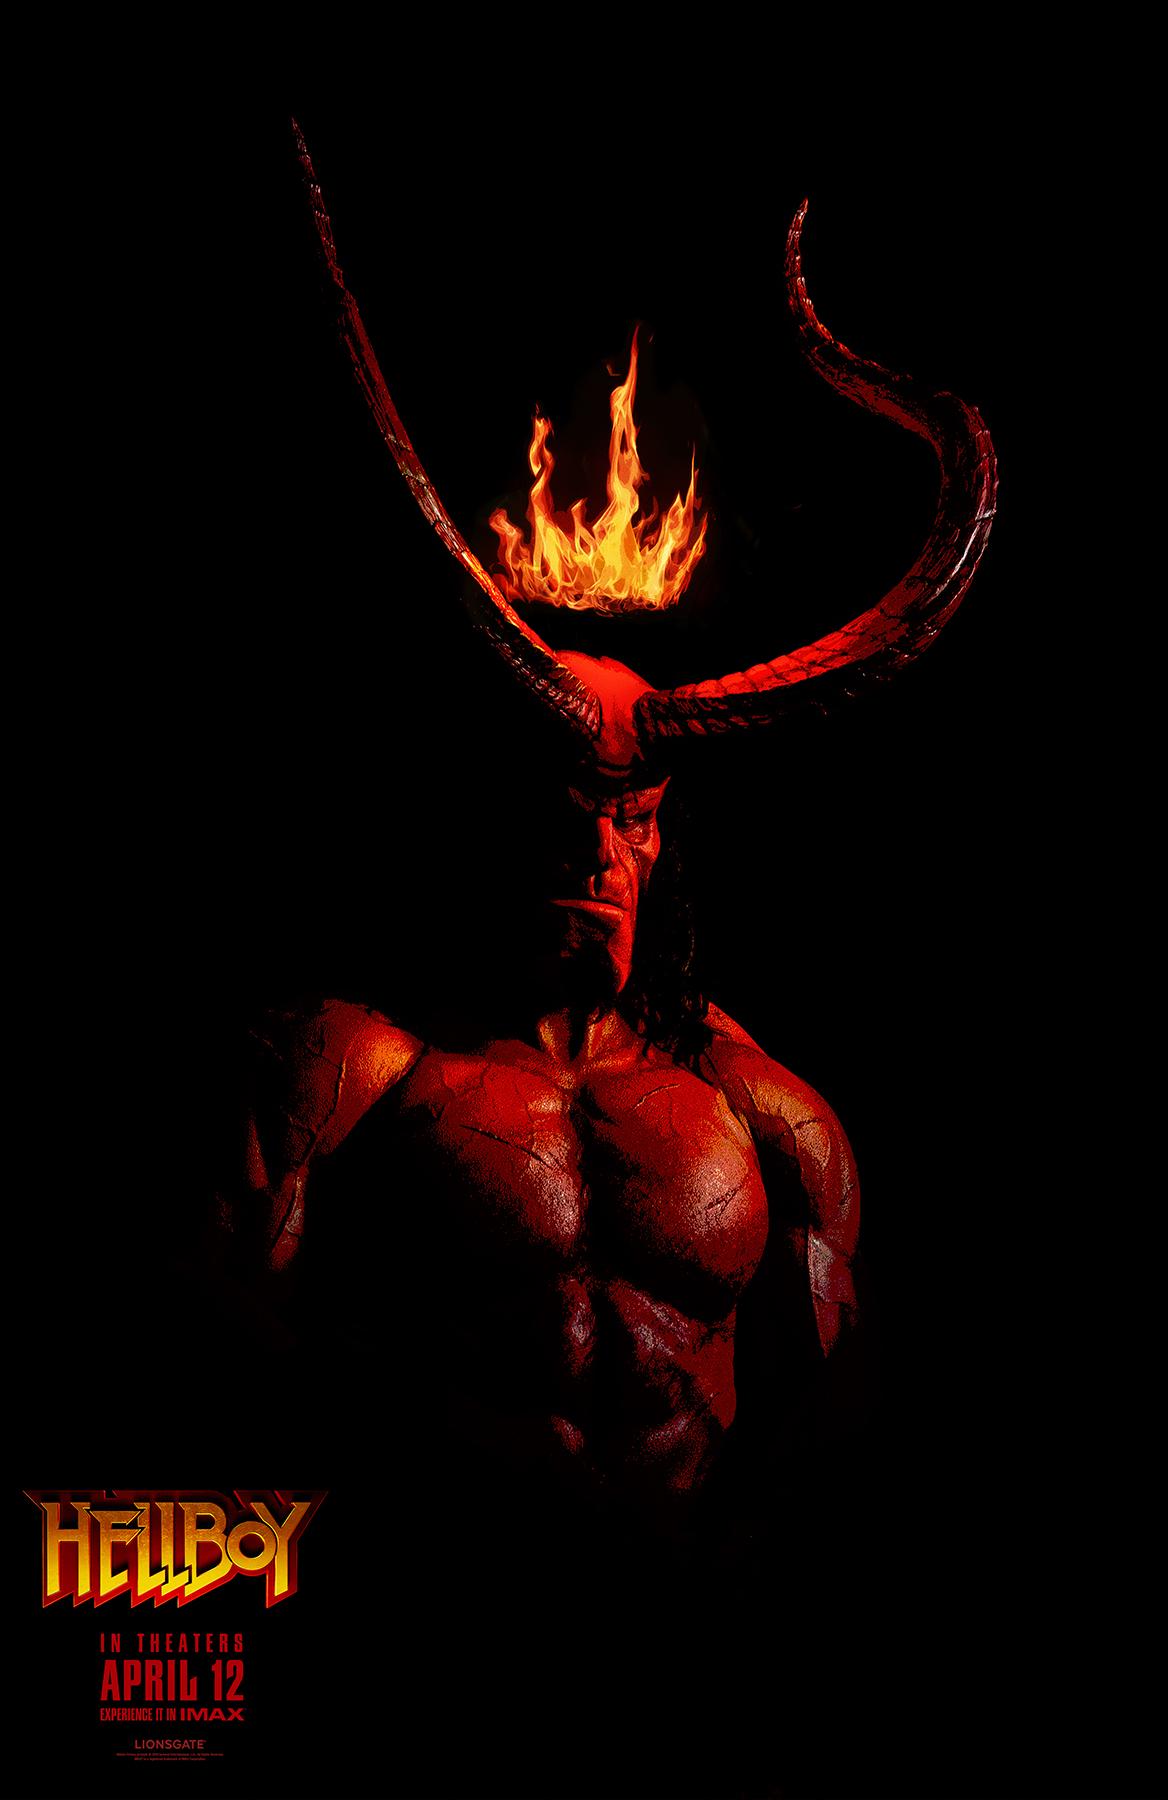 Hellboy_Comp99_FIN_24x37_100dpi.jpg